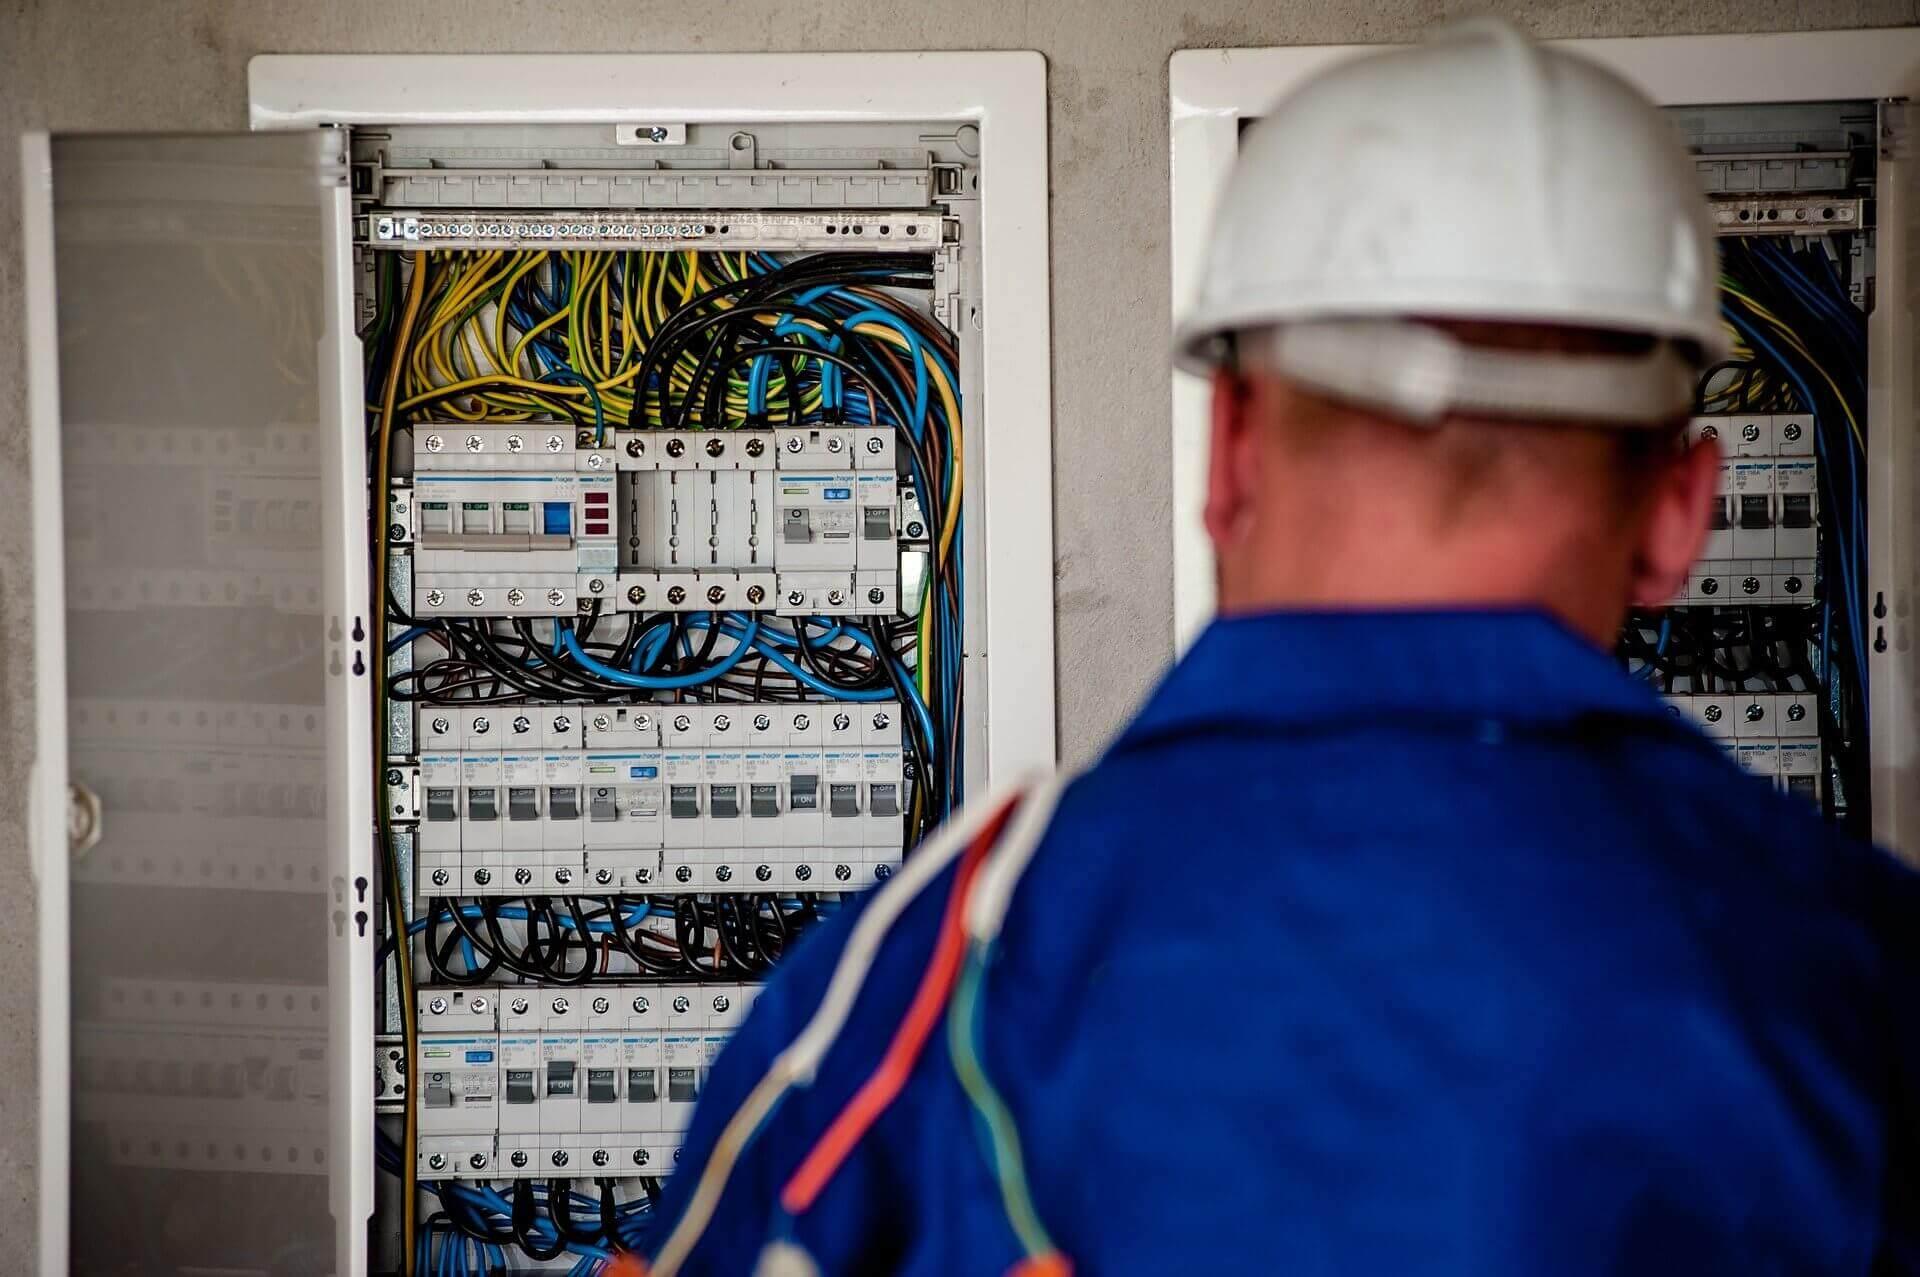 ηλεκτρολογικες εργασιες χανια electrician chania